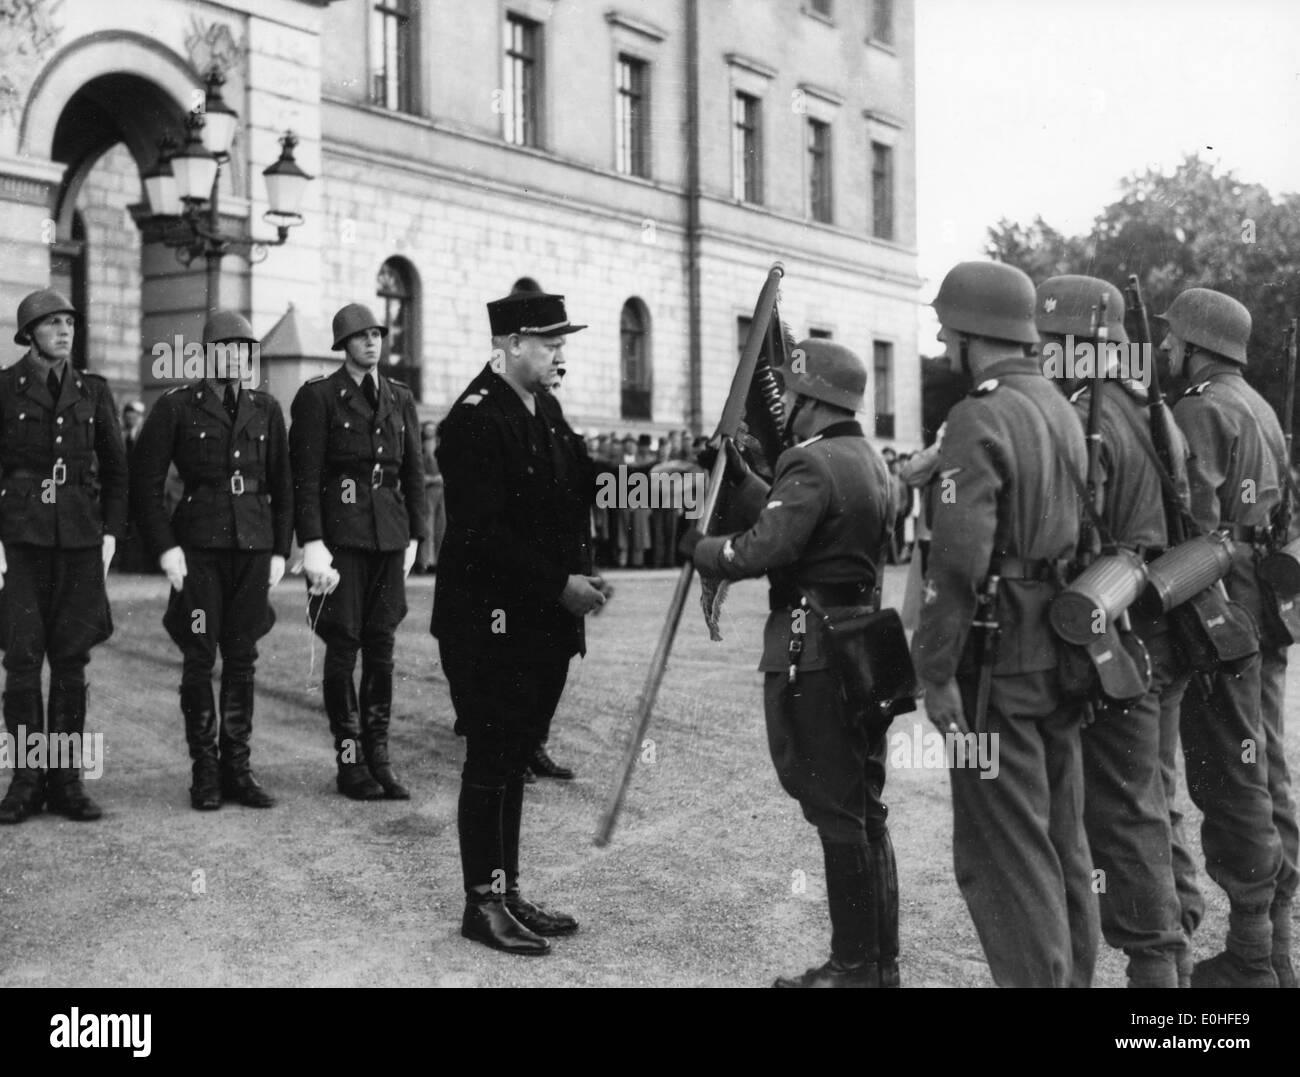 Den Norske Legion. En Politikompaniet overrekker Vidkun Quisling fane som mottas Jonas av mensonge. Banque D'Images